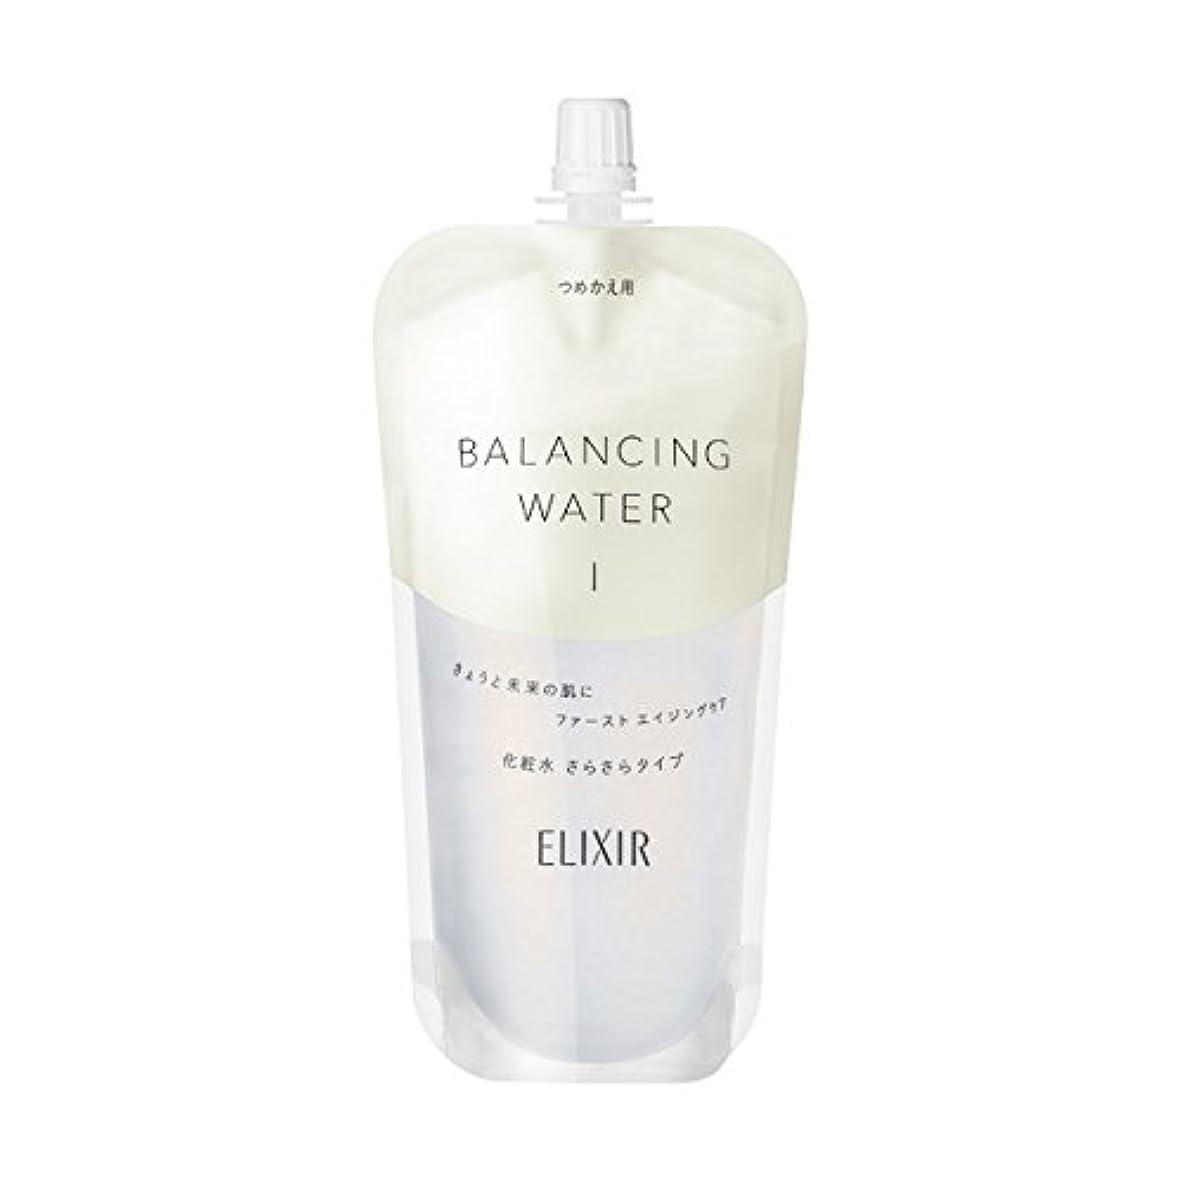 豊富不屈感心するエリクシール ルフレ バランシング ウォーター 化粧水 1 (さらさらタイプ) (つめかえ用) 150mL